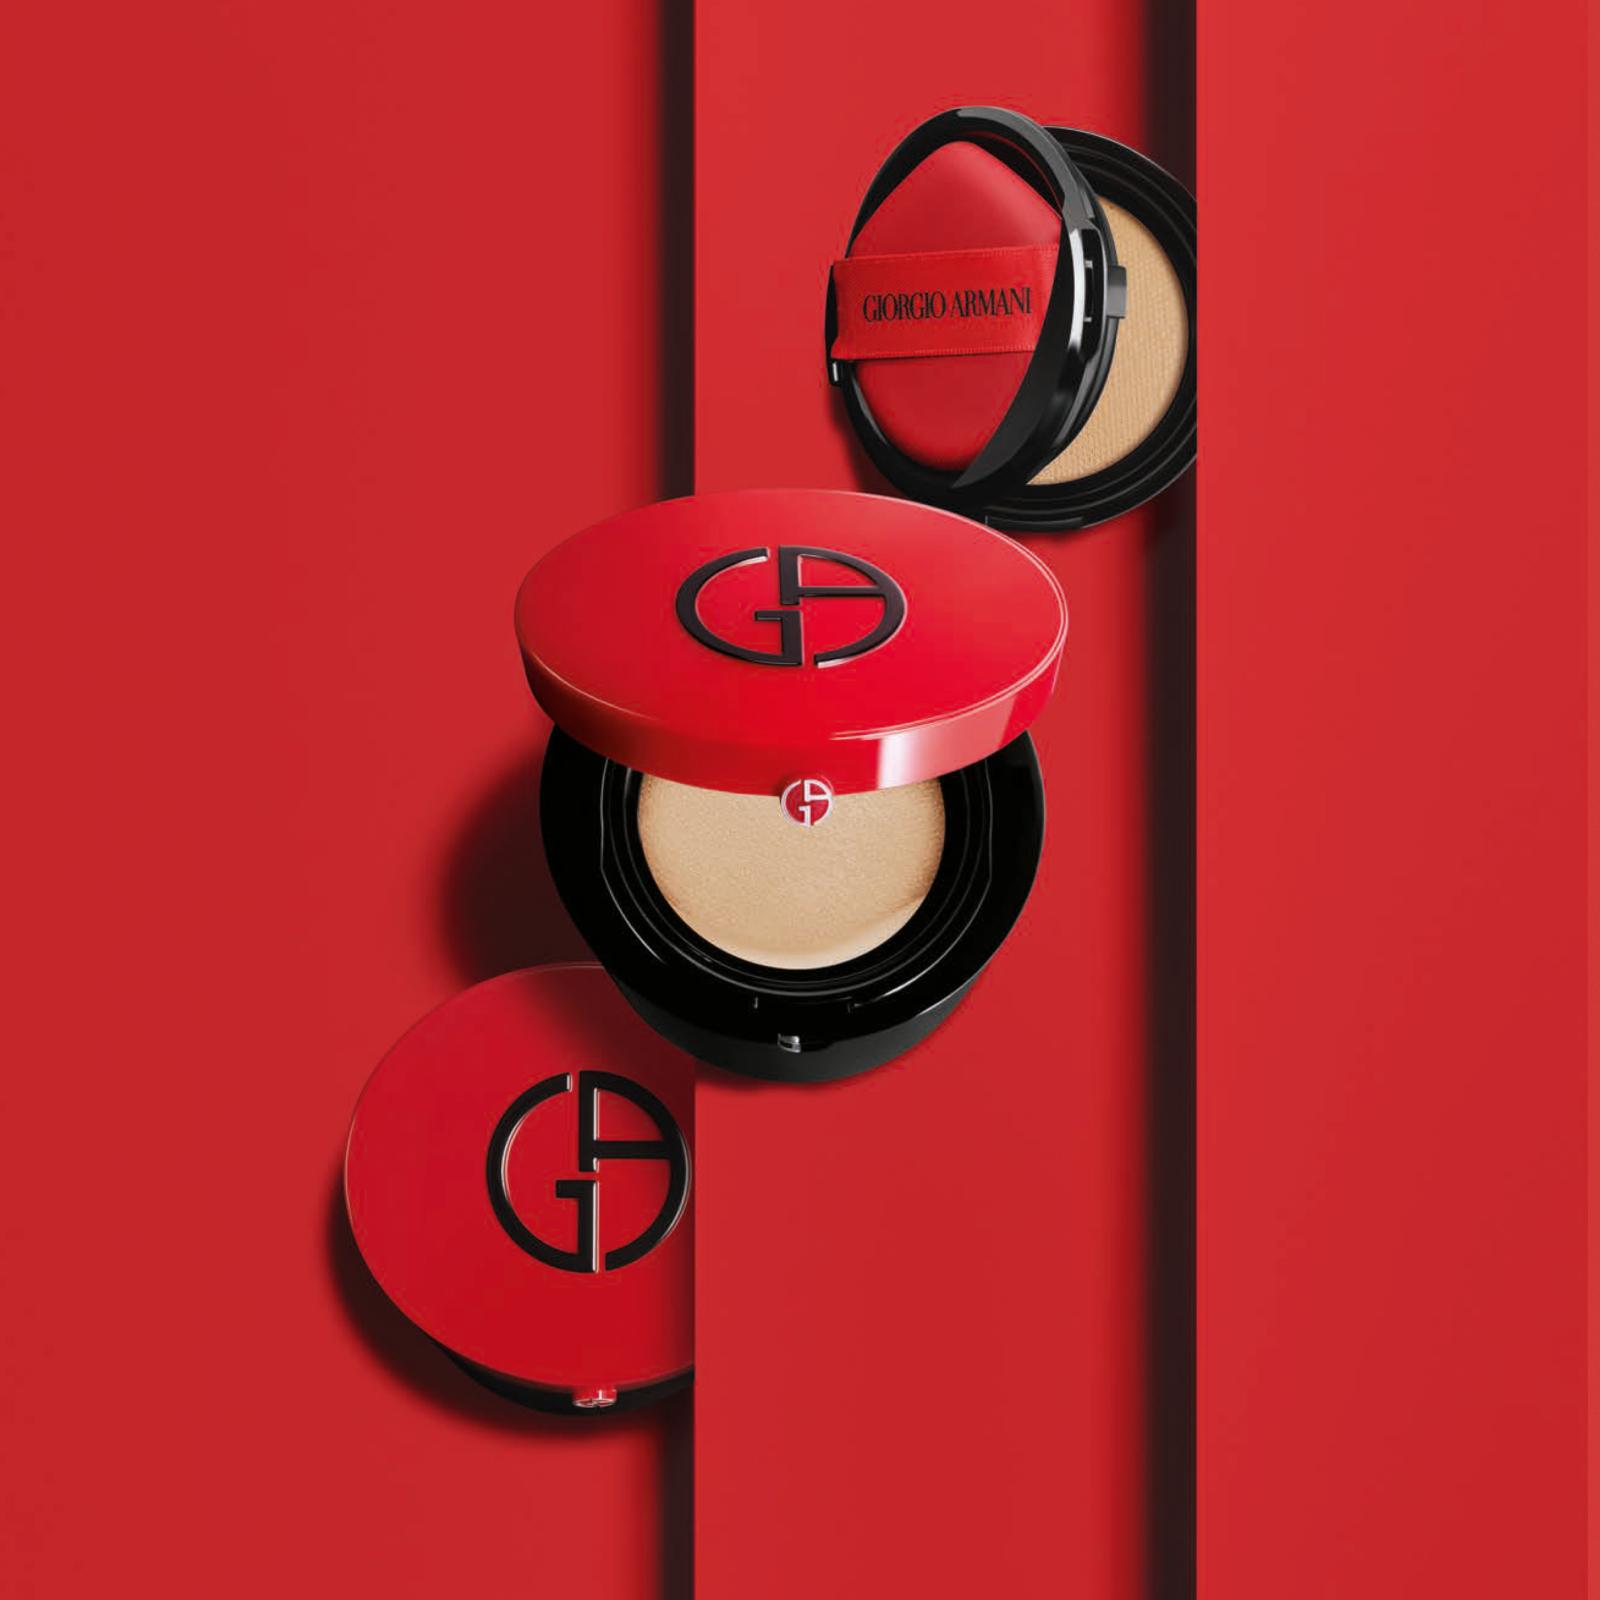 ARMANI- Un design pensé par l'agence de design de Paris Partisan du Sens.